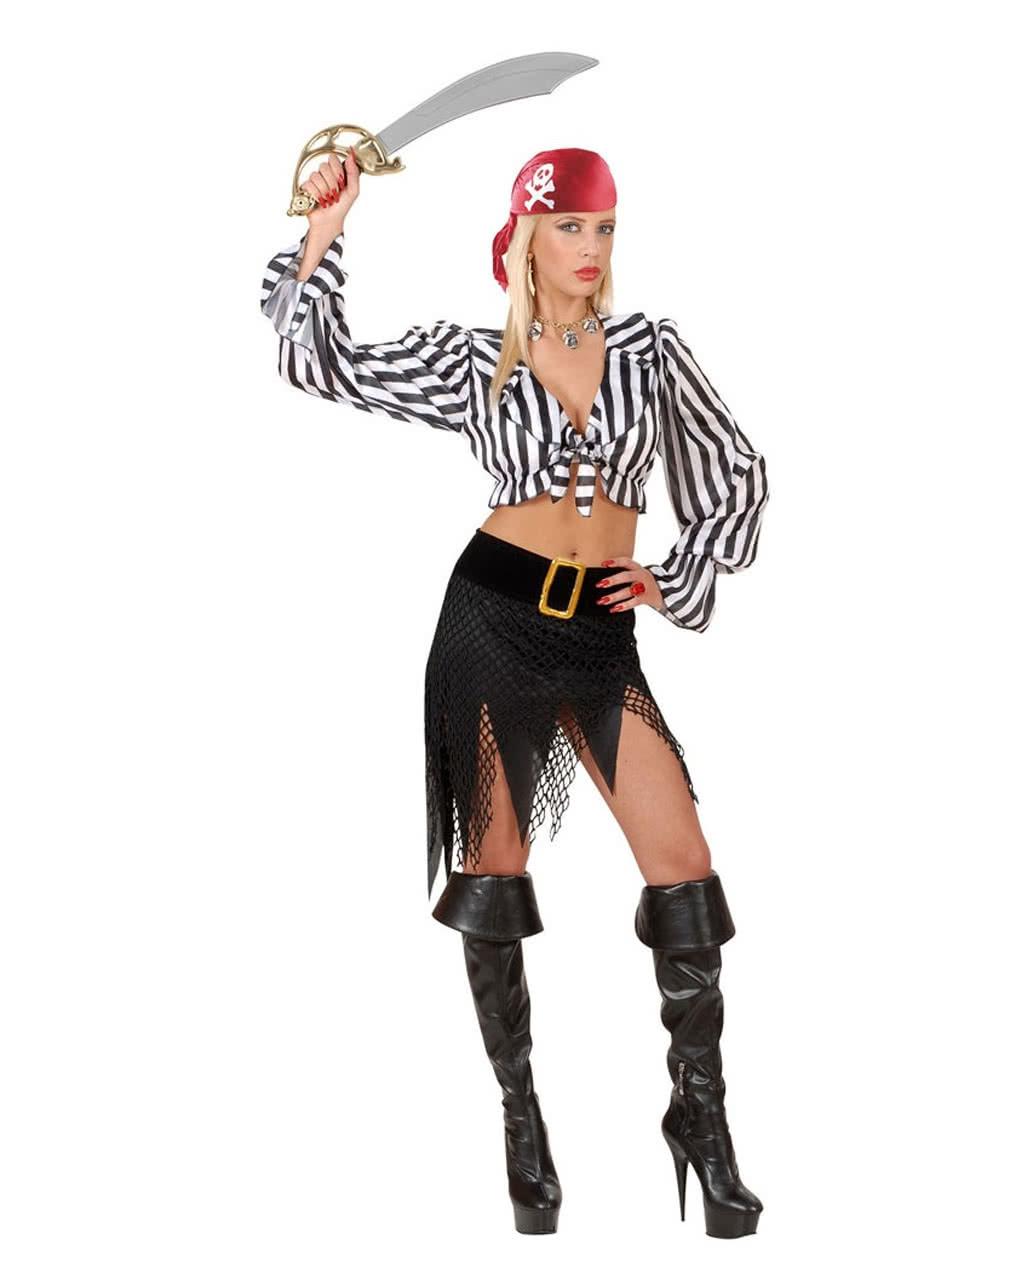 Как нарядиться на пиратскую вечеринку девушке фото